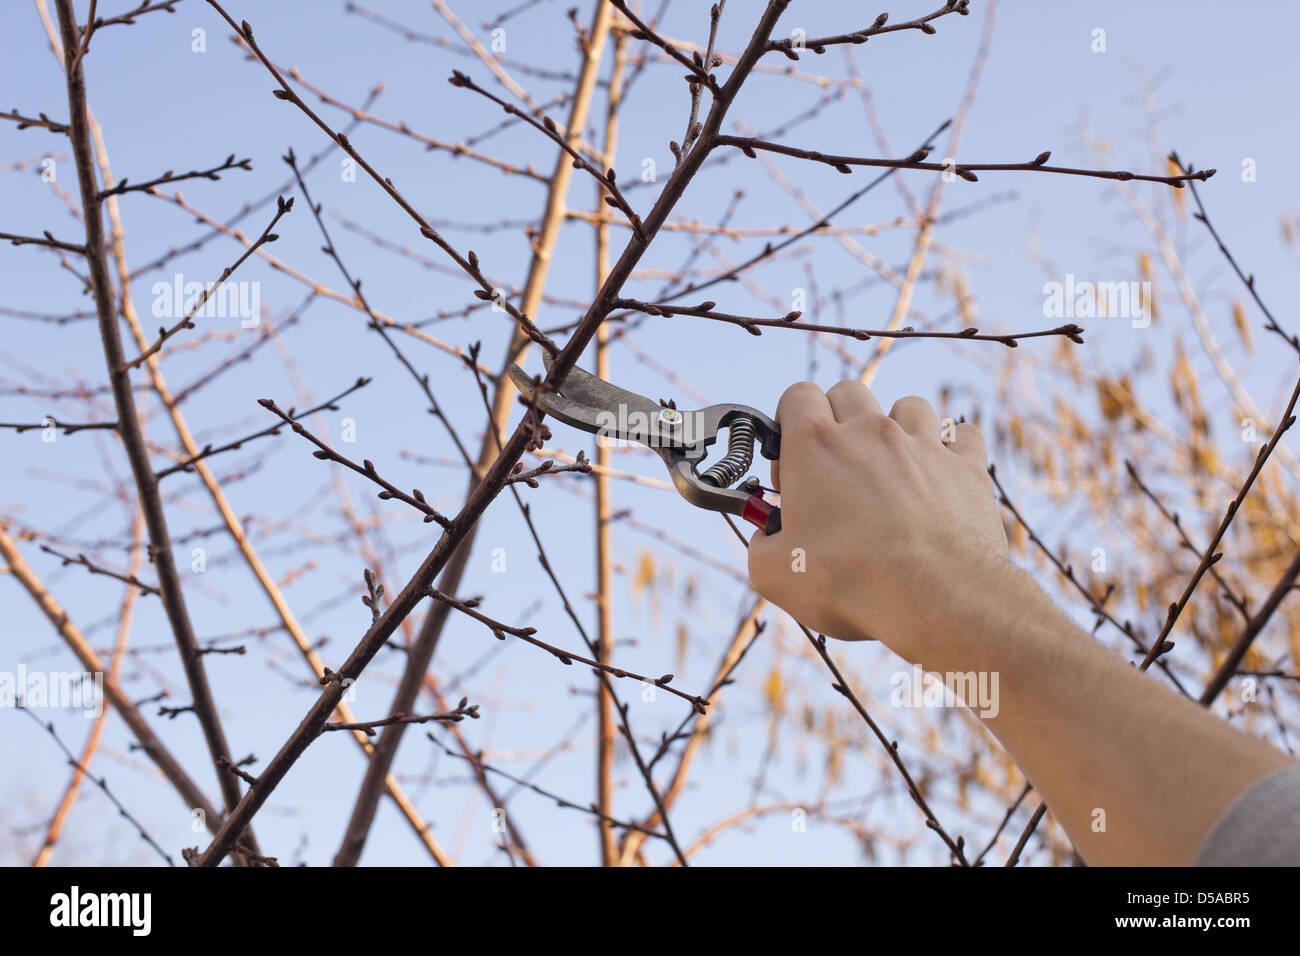 Obstbaum Schneiden ein obstbaum schneiden ästen im frühjahr beschneiden stockfoto